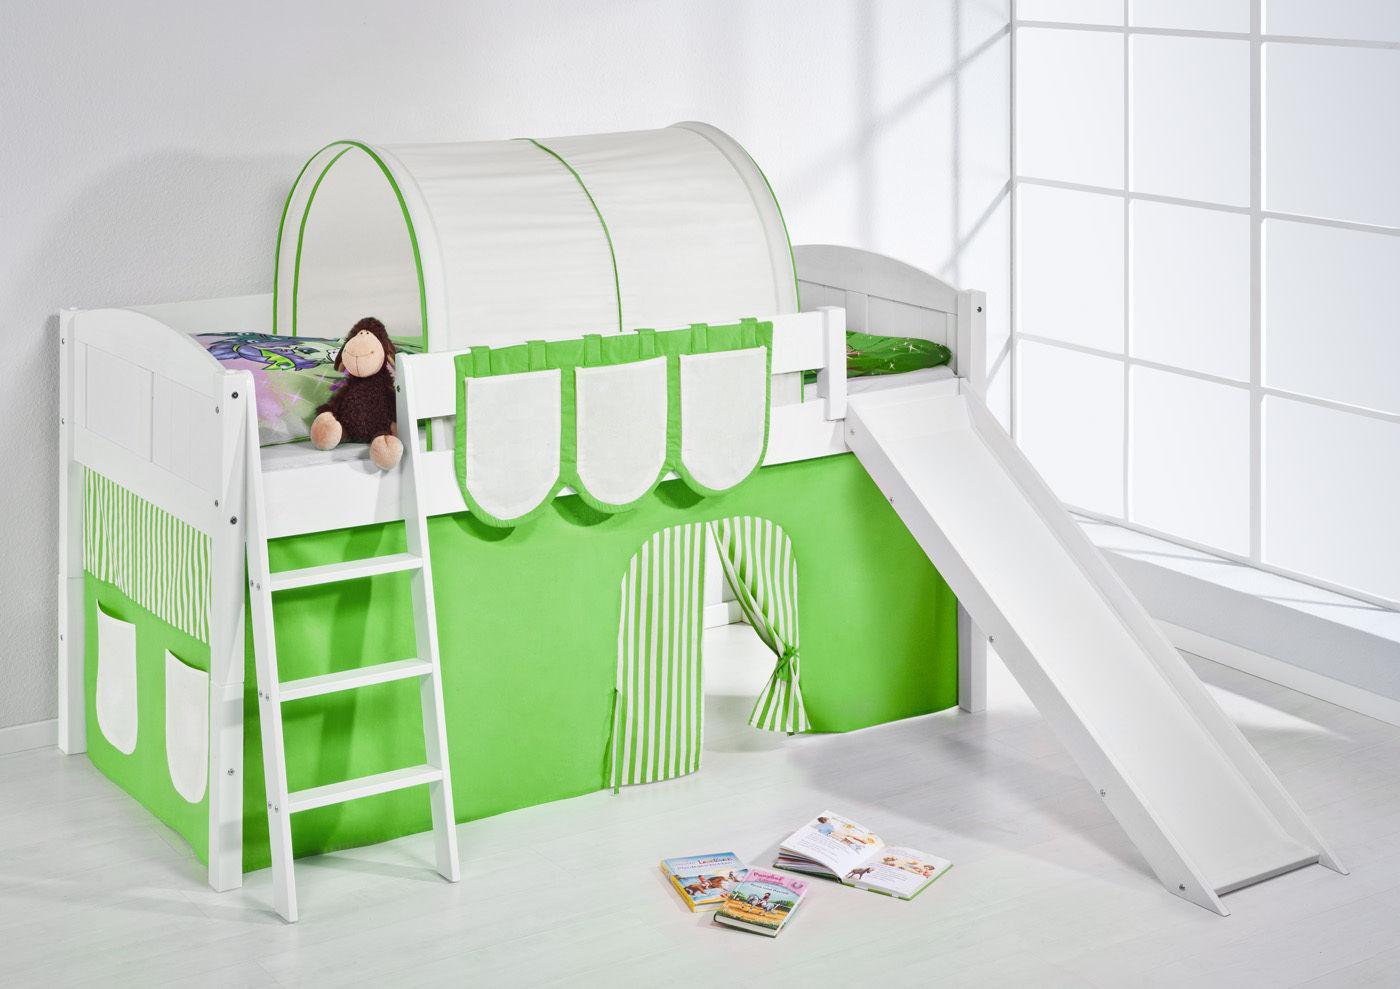 spielbett mit rutsche landi r gr n beige kiefer weiss mit vorhang kaufen bei sylwia. Black Bedroom Furniture Sets. Home Design Ideas